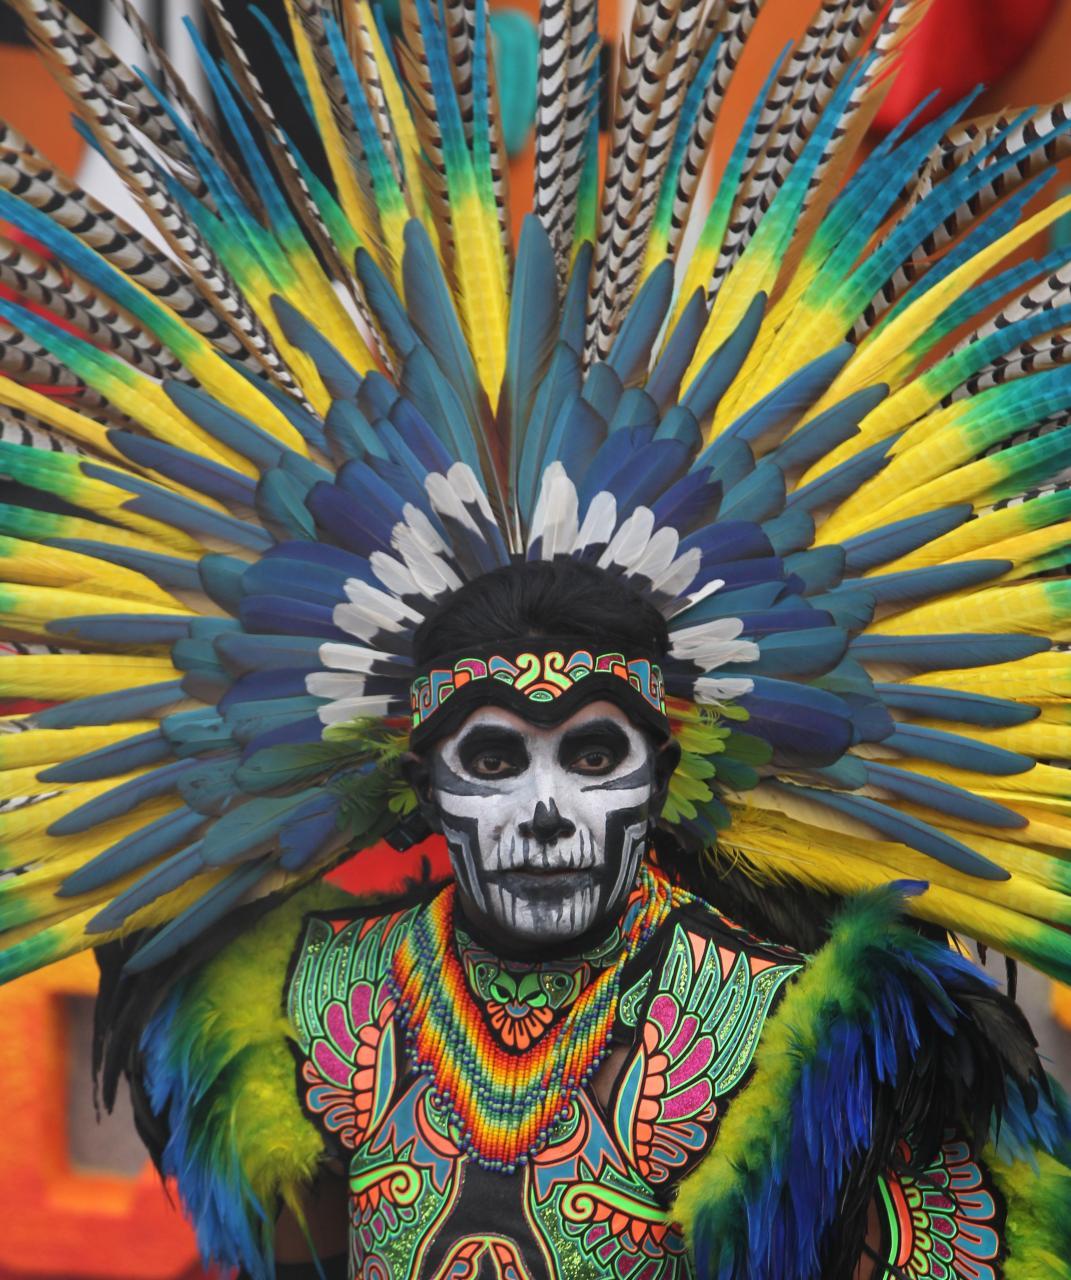 Desfiles tradicionales por festejos del Día de Muertos en México